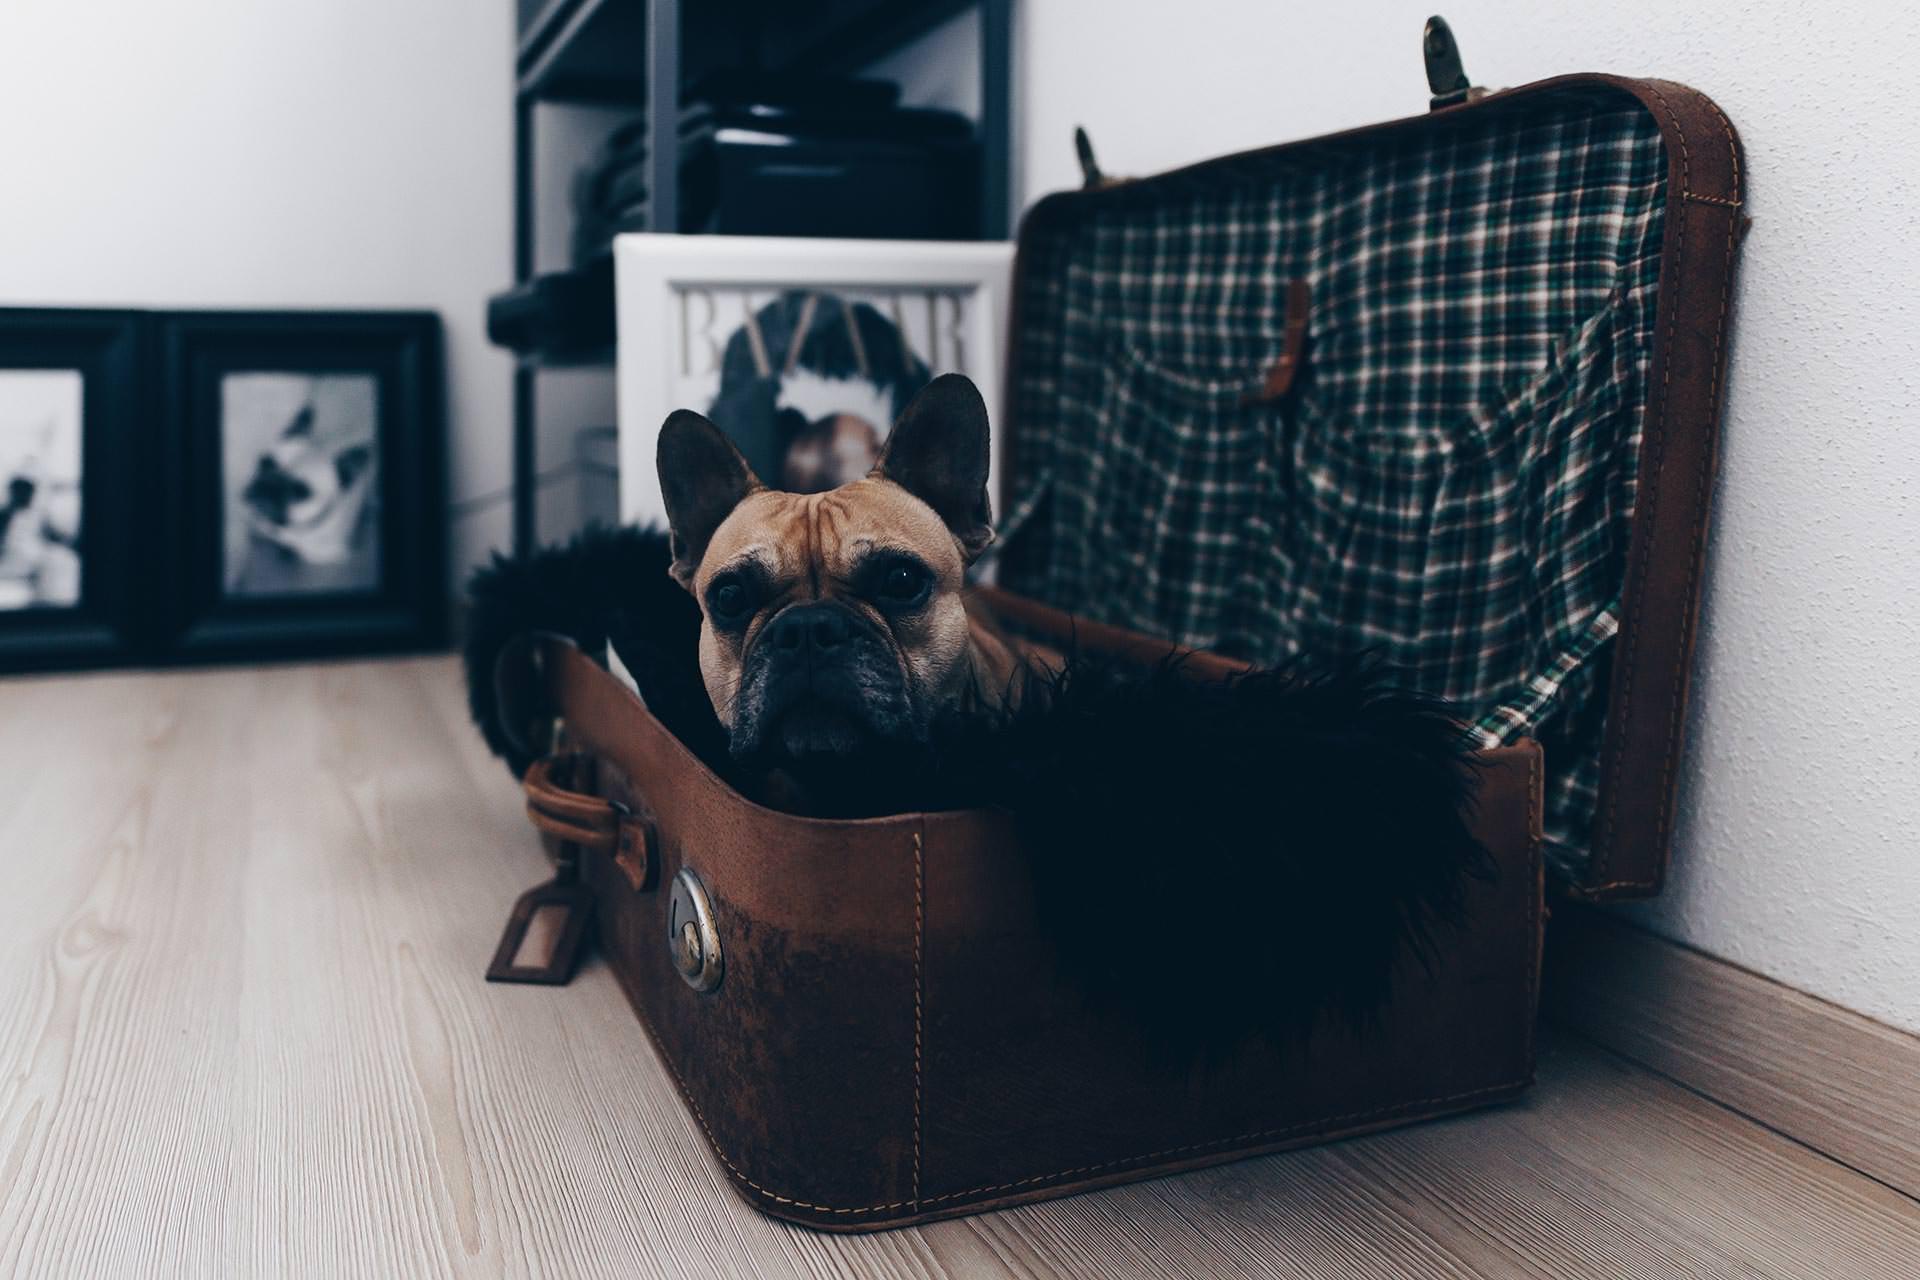 Berufstätig mit Hund, Vollzeit Arbeit und Hund, Hund zur Arbeit mitnehmen, Hund und Arbeit miteinander vereinen, Hundeblog, Karriere Blog, www.whoismocca.com